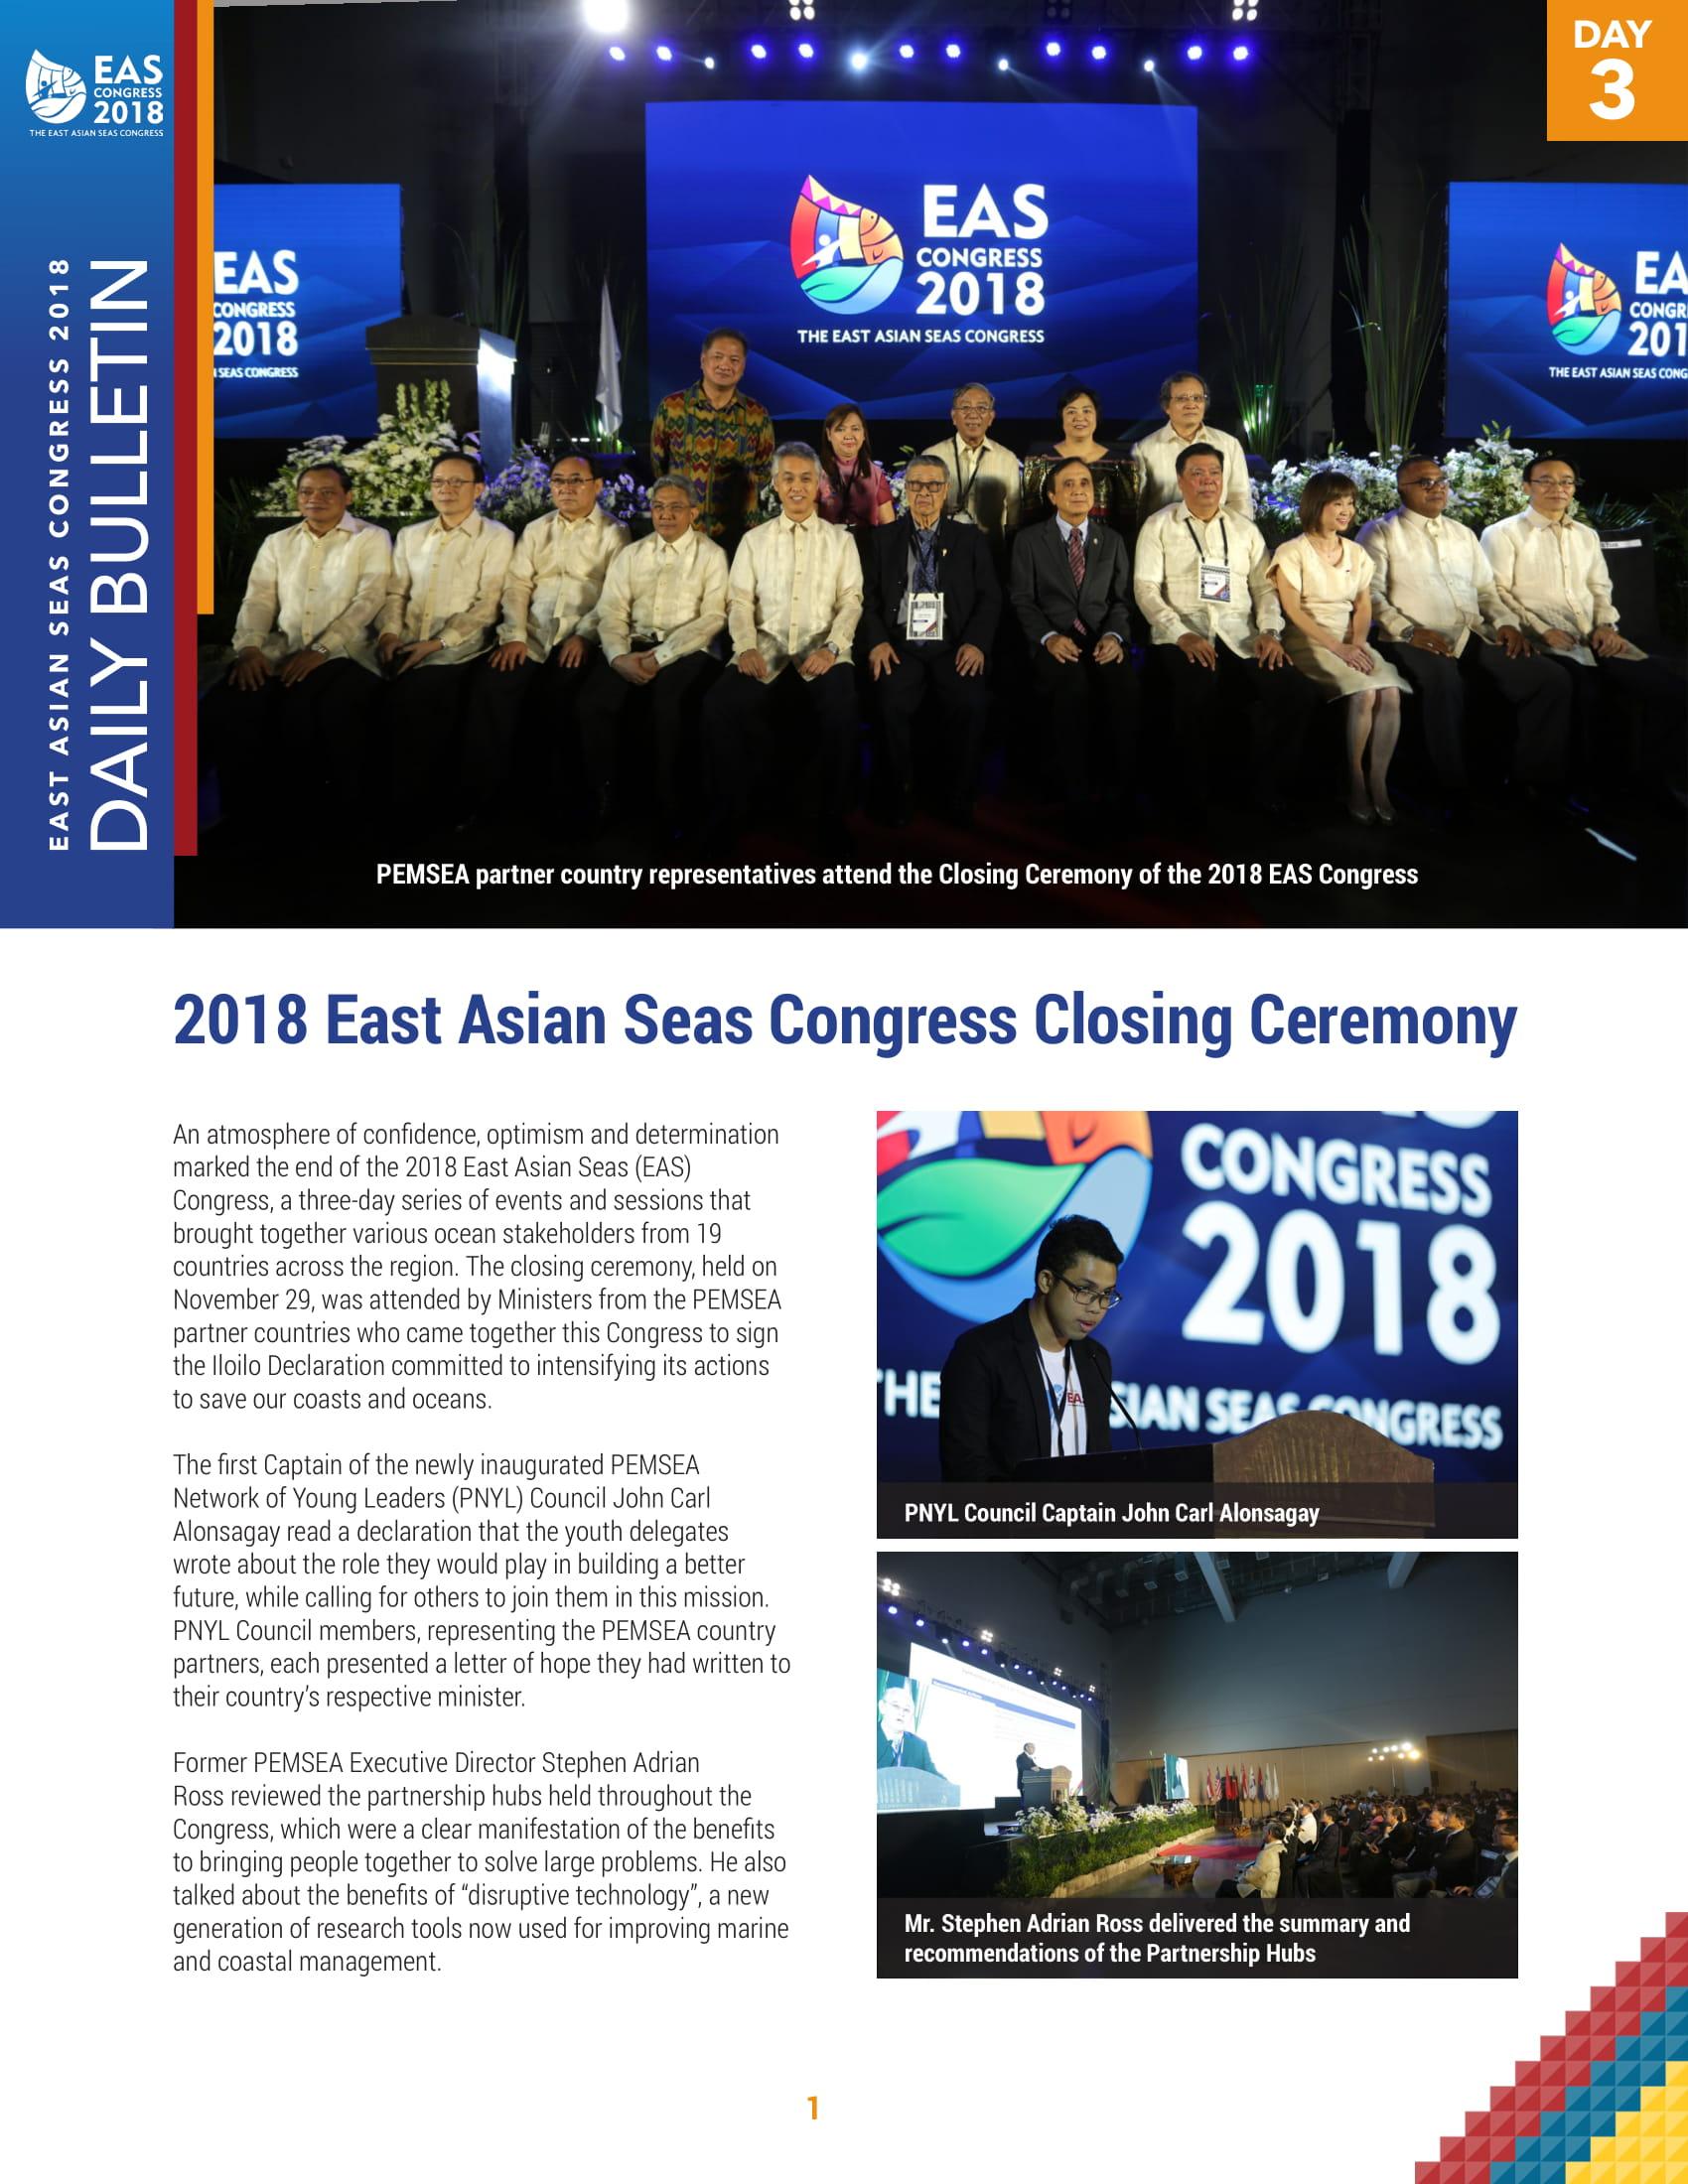 EASC 2018 Daily Bulletin: Day 3